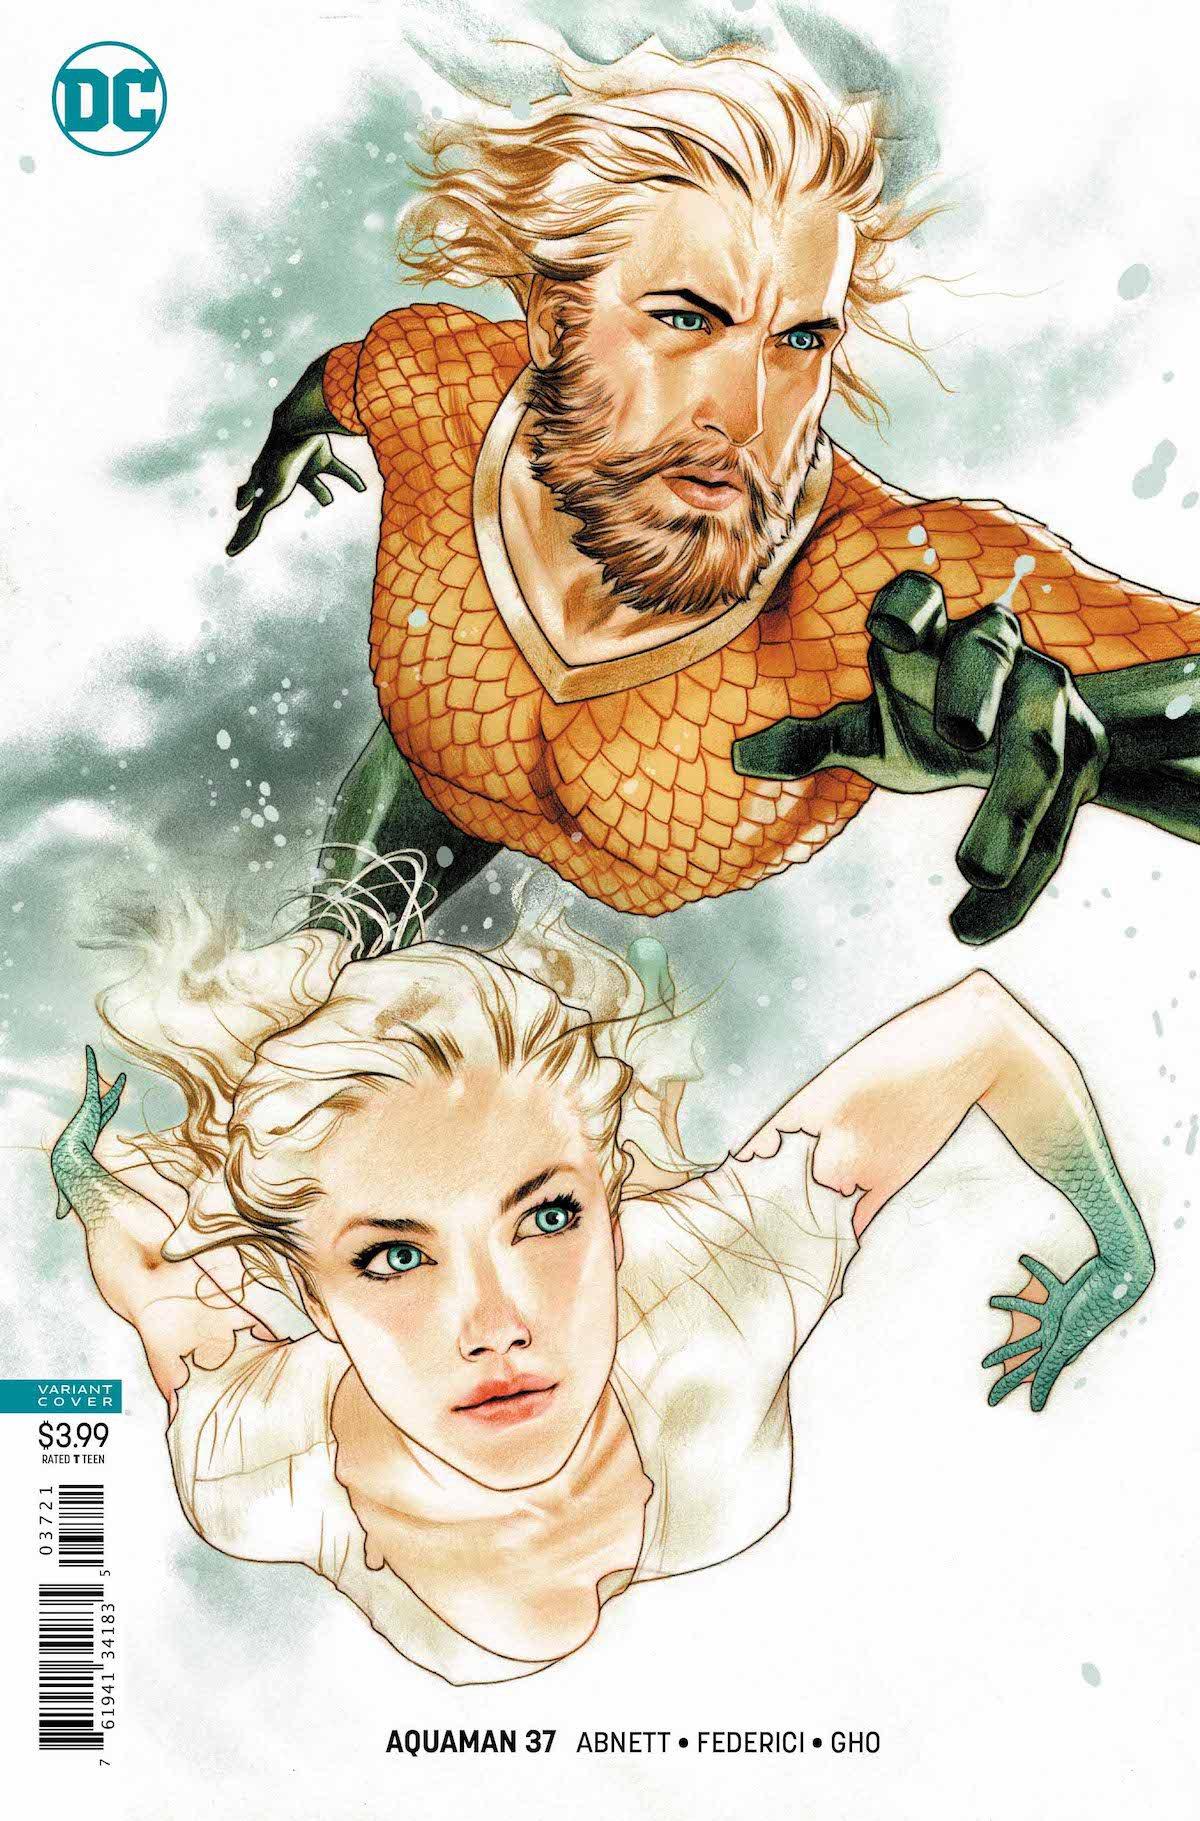 Aquaman #37 variant cover